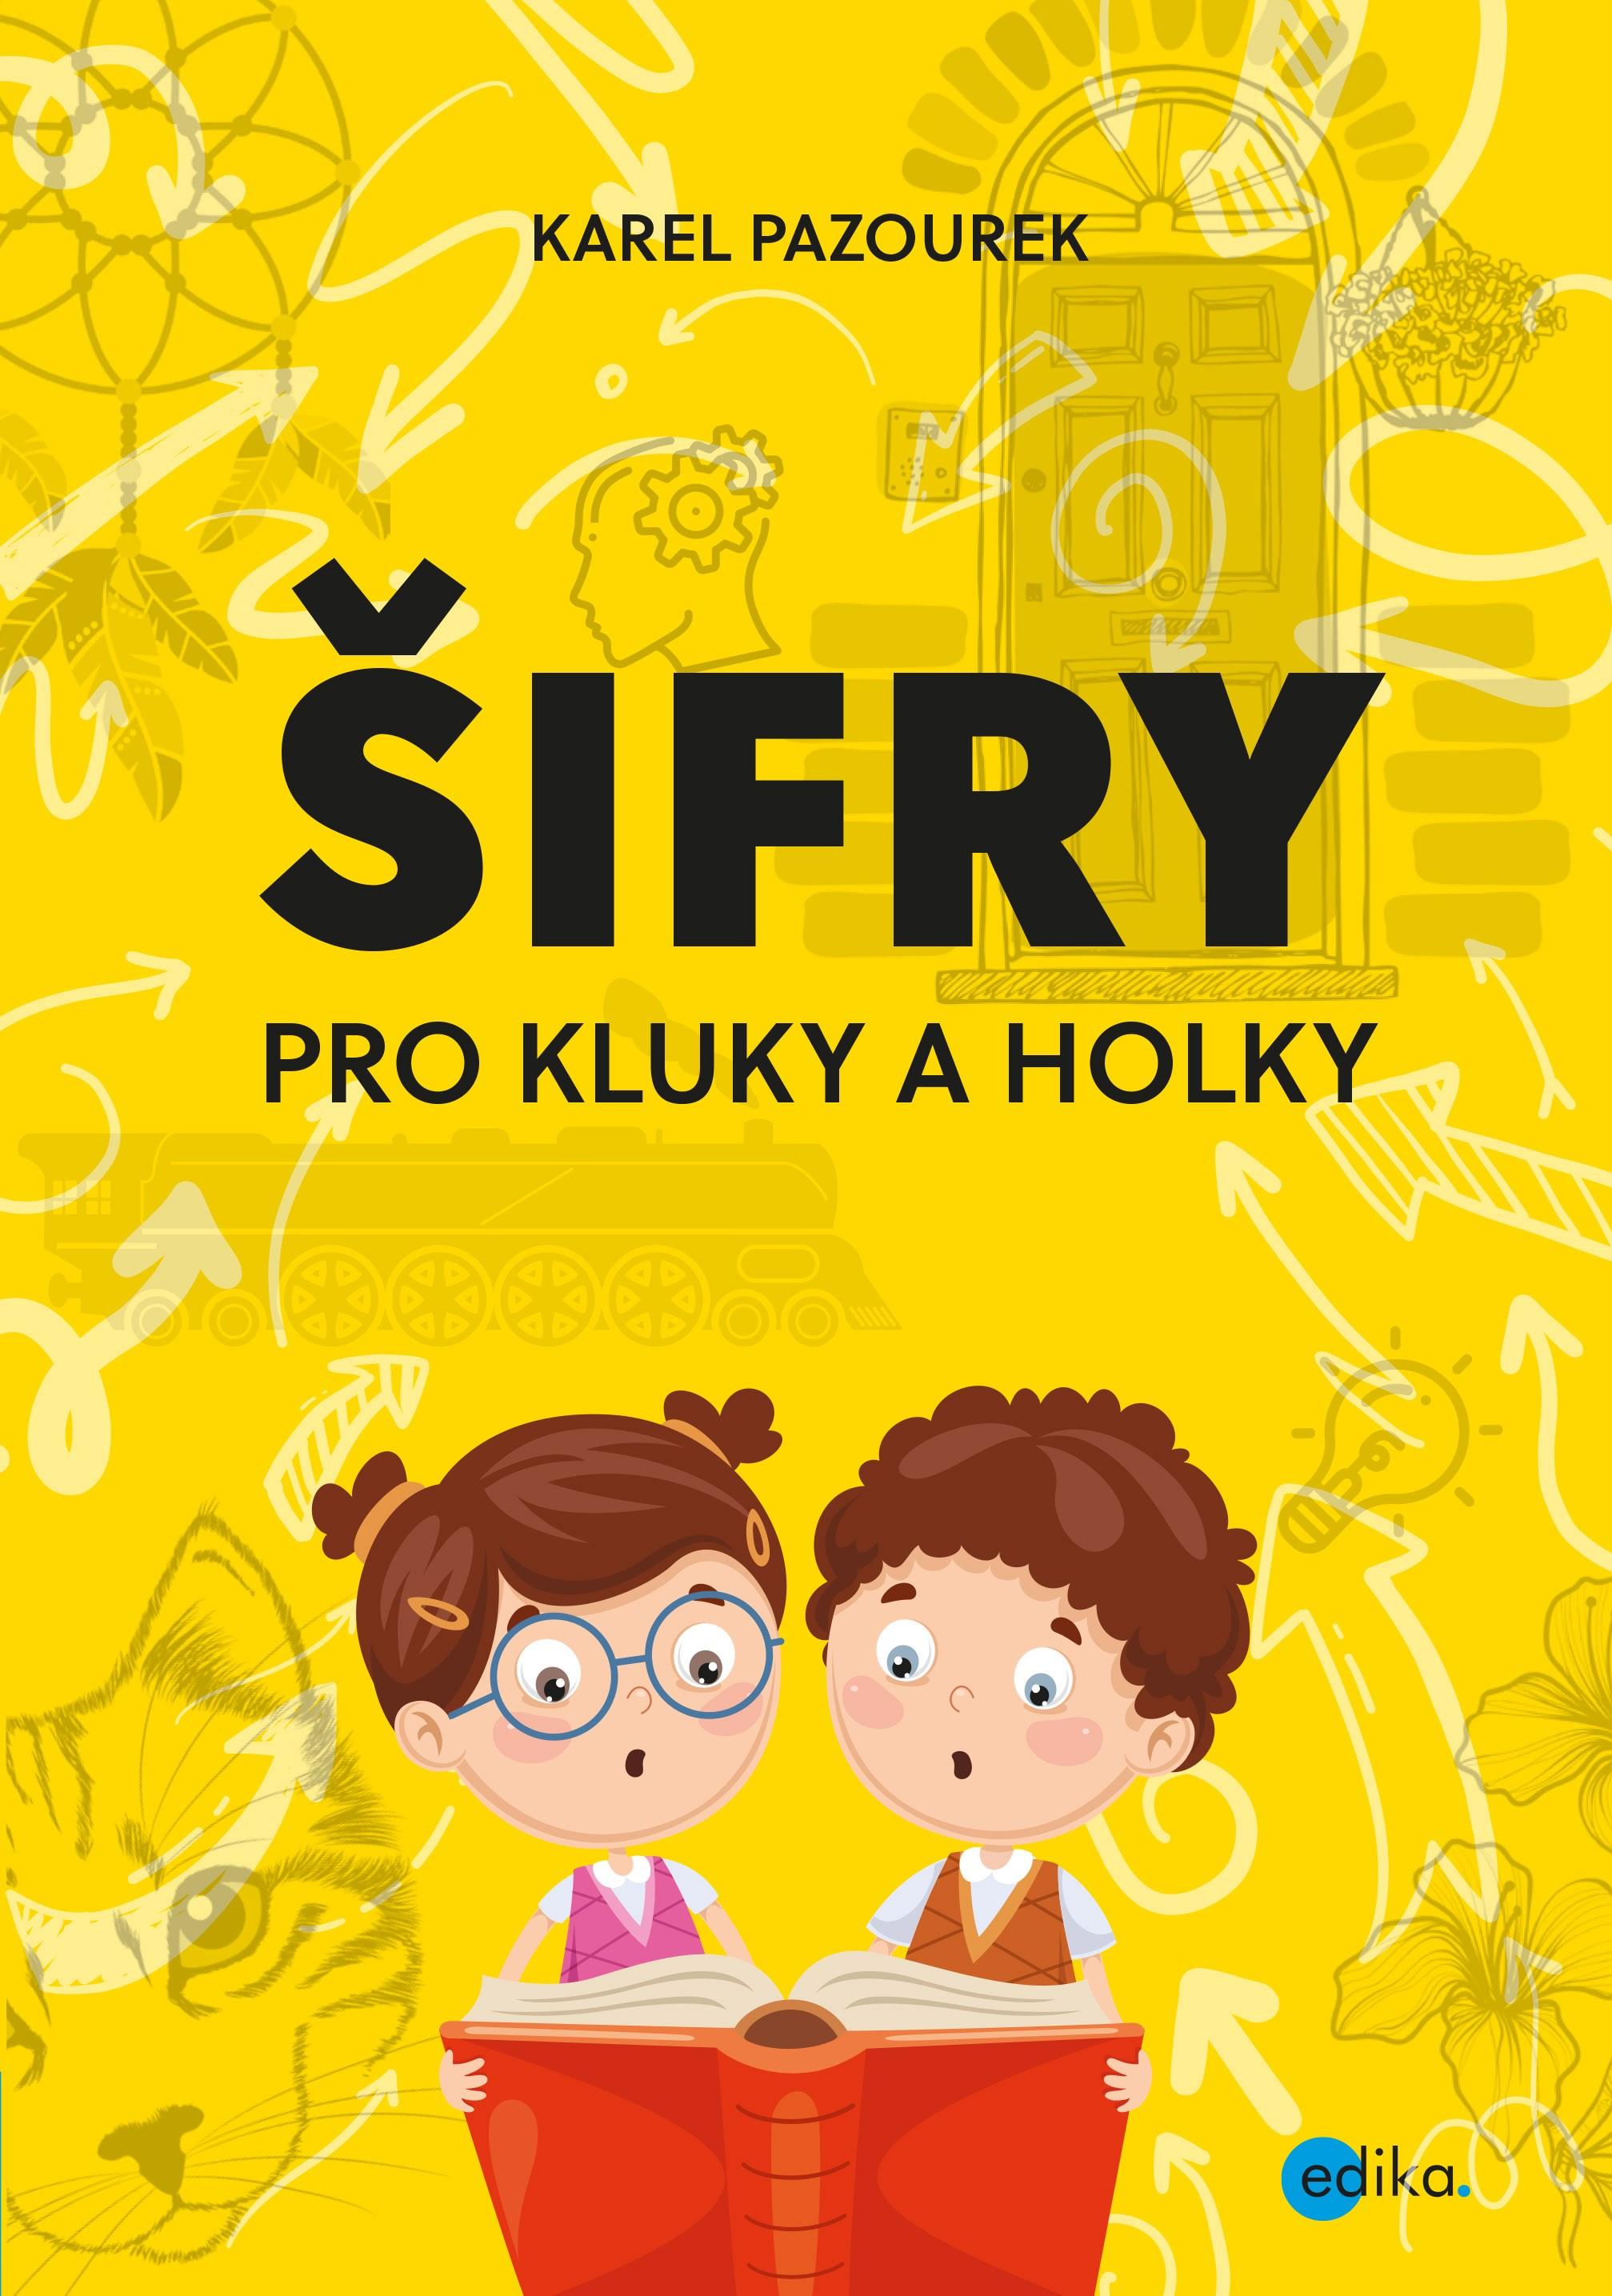 EDIKA Šifry pro kluky a holky - Karel Pazourek